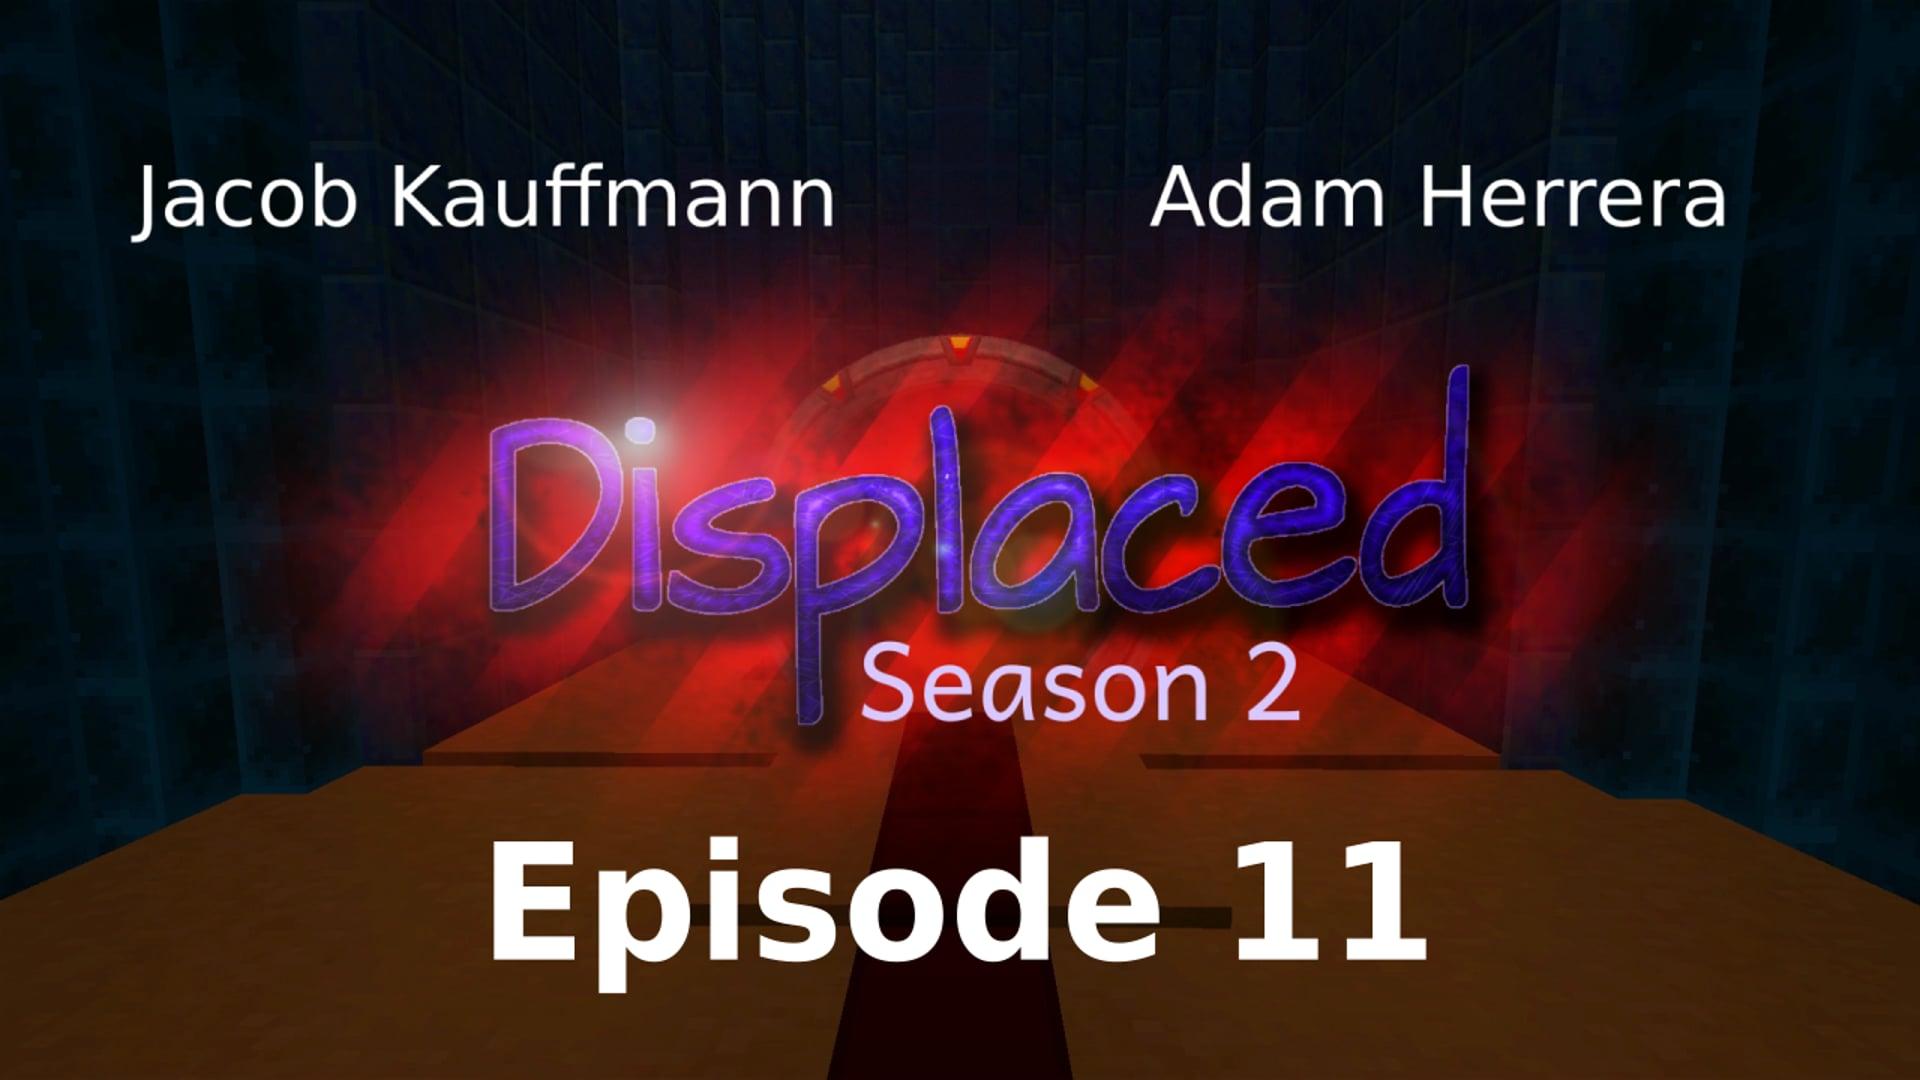 Episode 11 - Displaced: Season 2